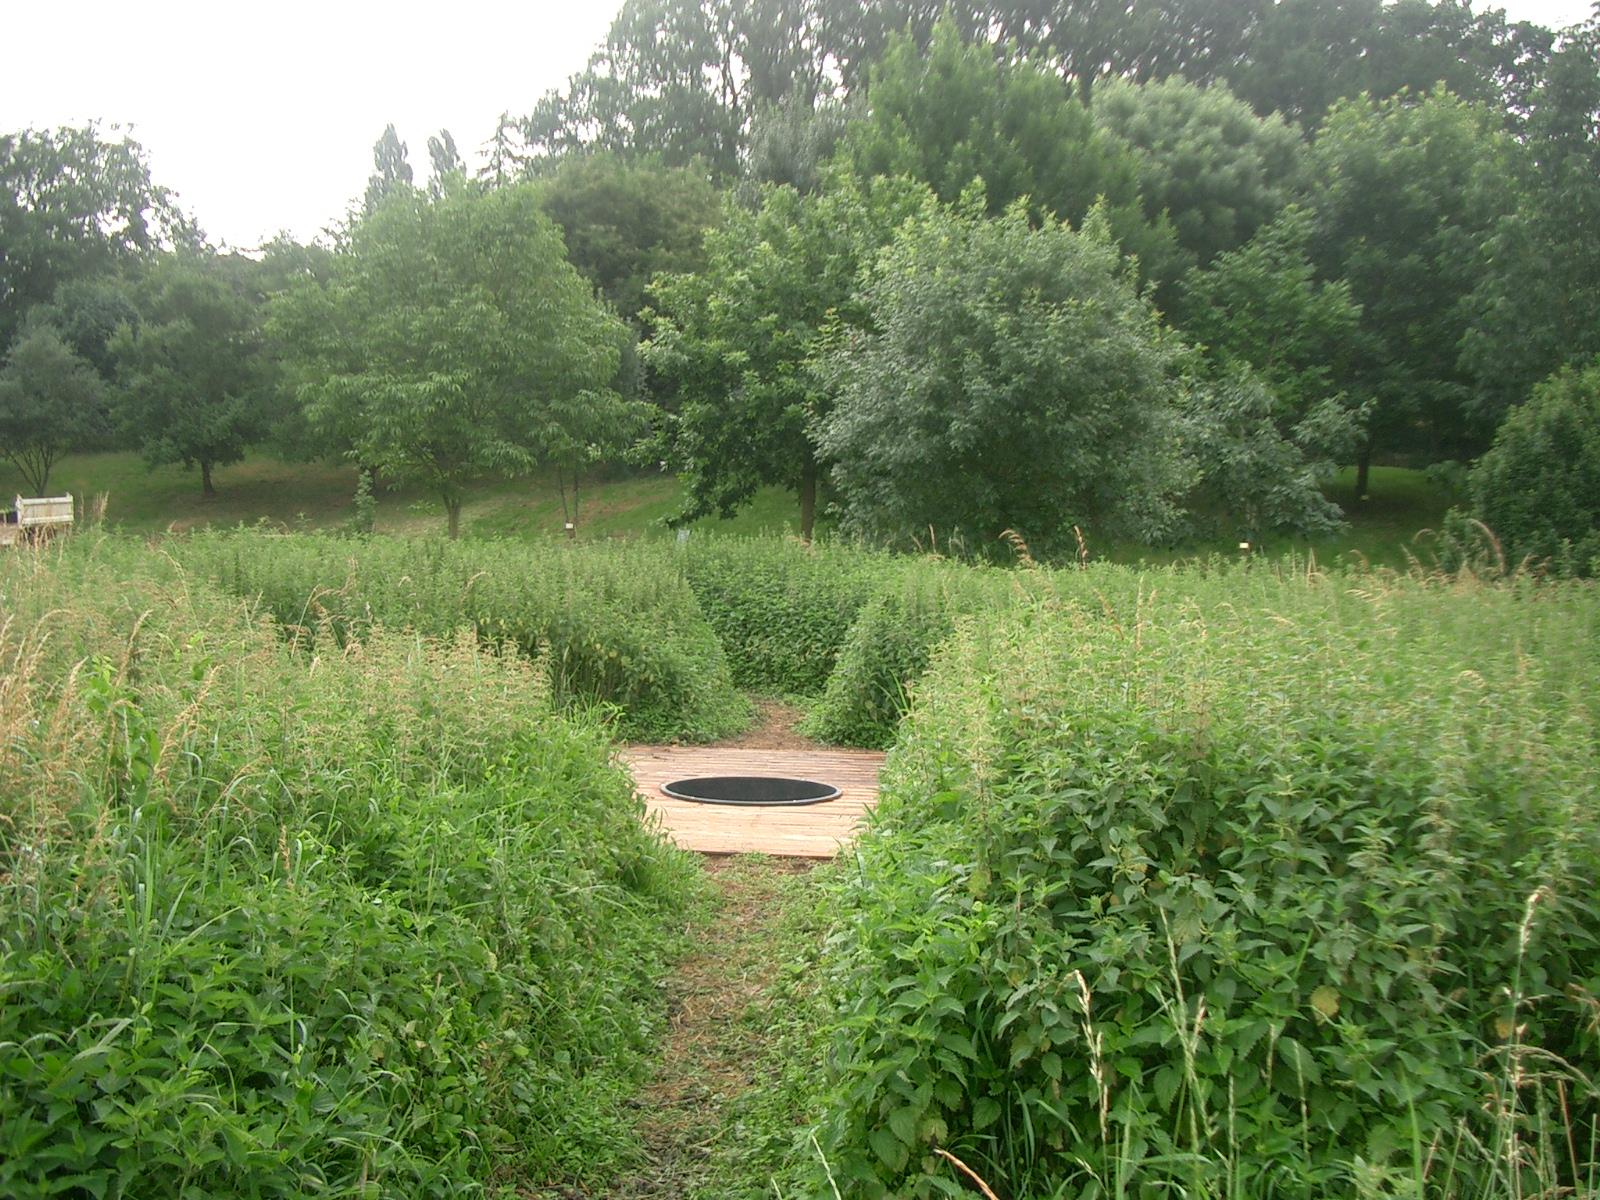 Prog res frames articoli il movimento del giardino for Design del giardino